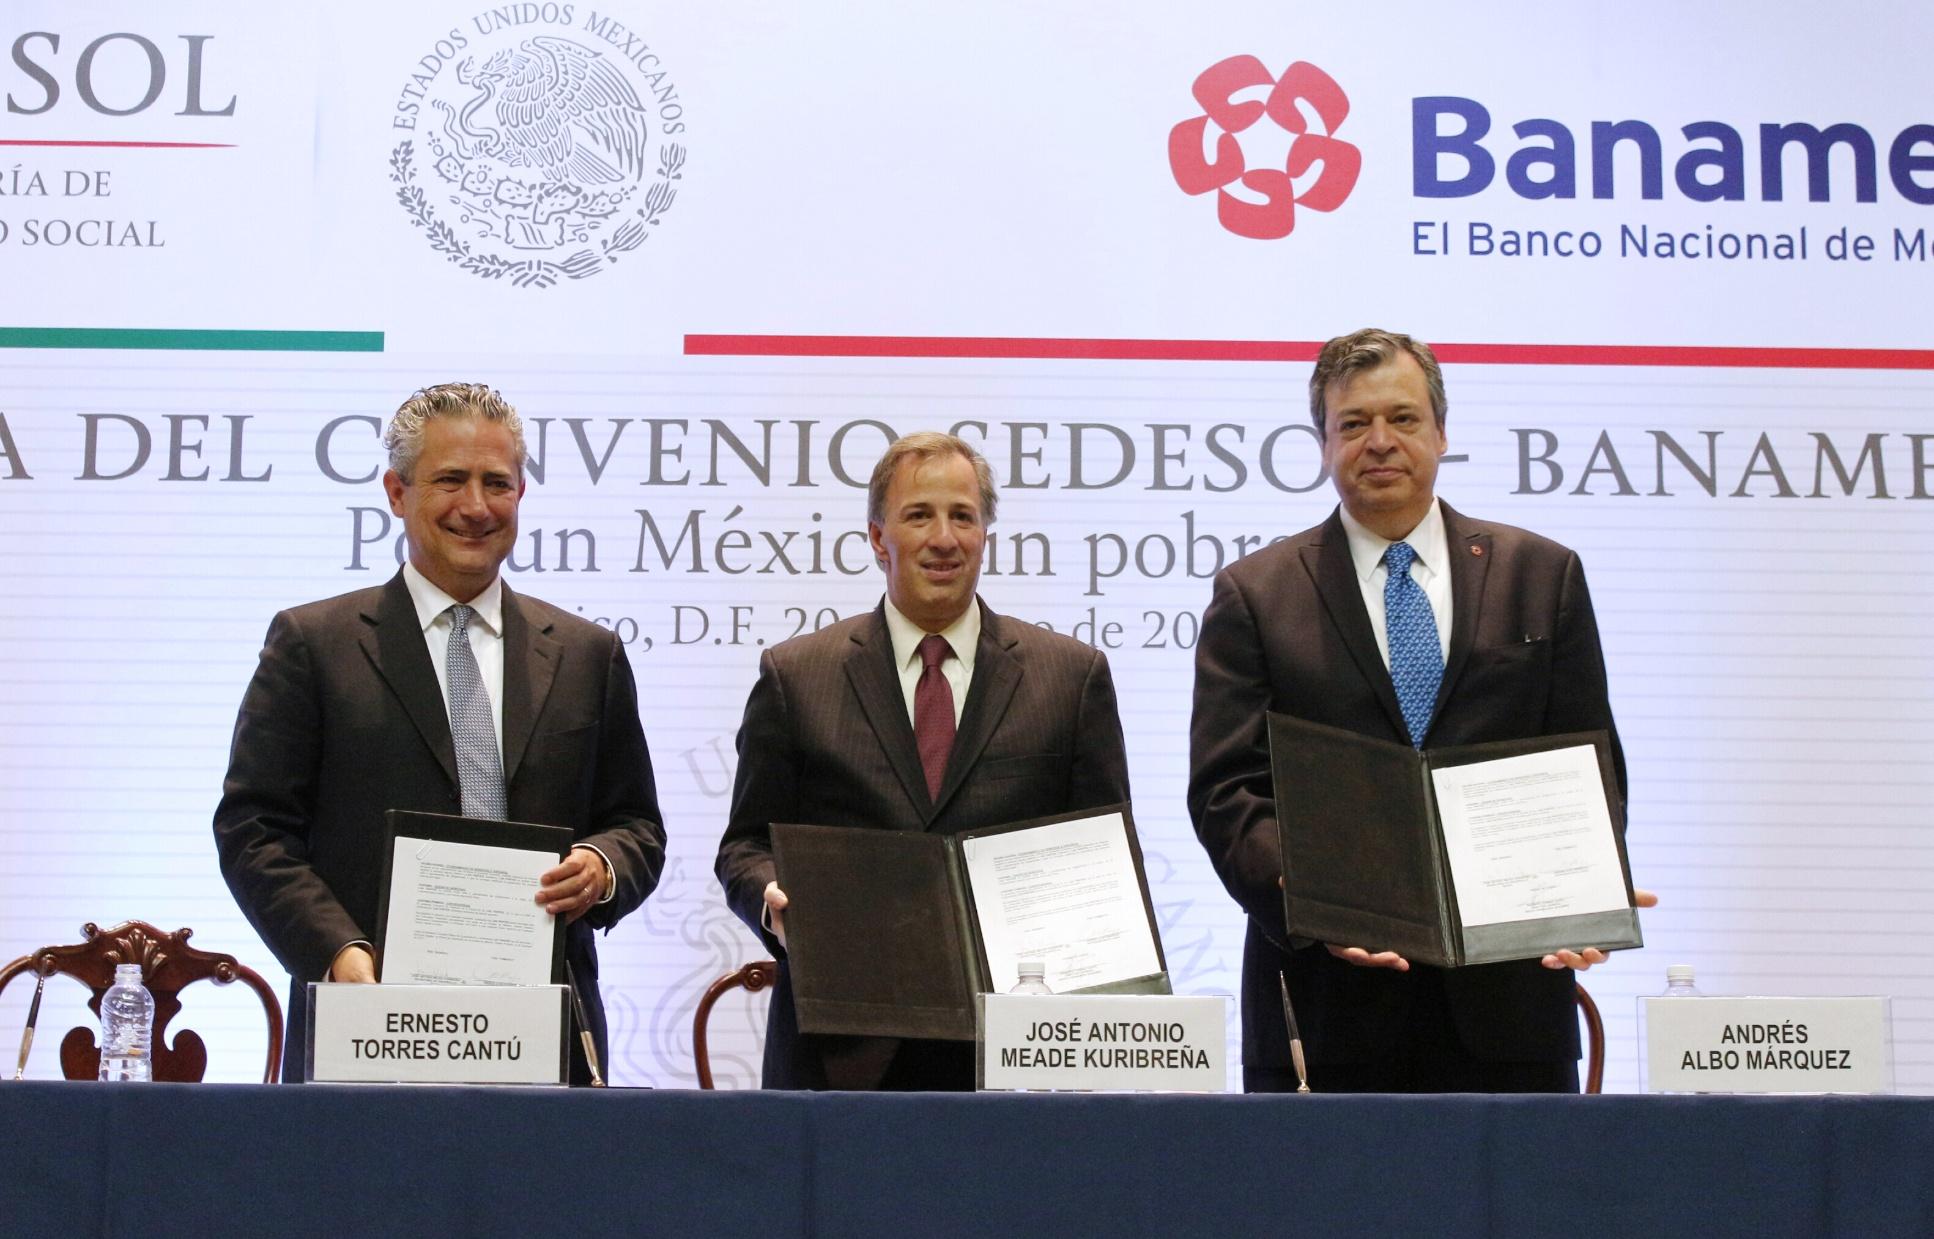 Firman Sedesol y Banamex convenio de colaboración para impulsar el desarrollo social de México